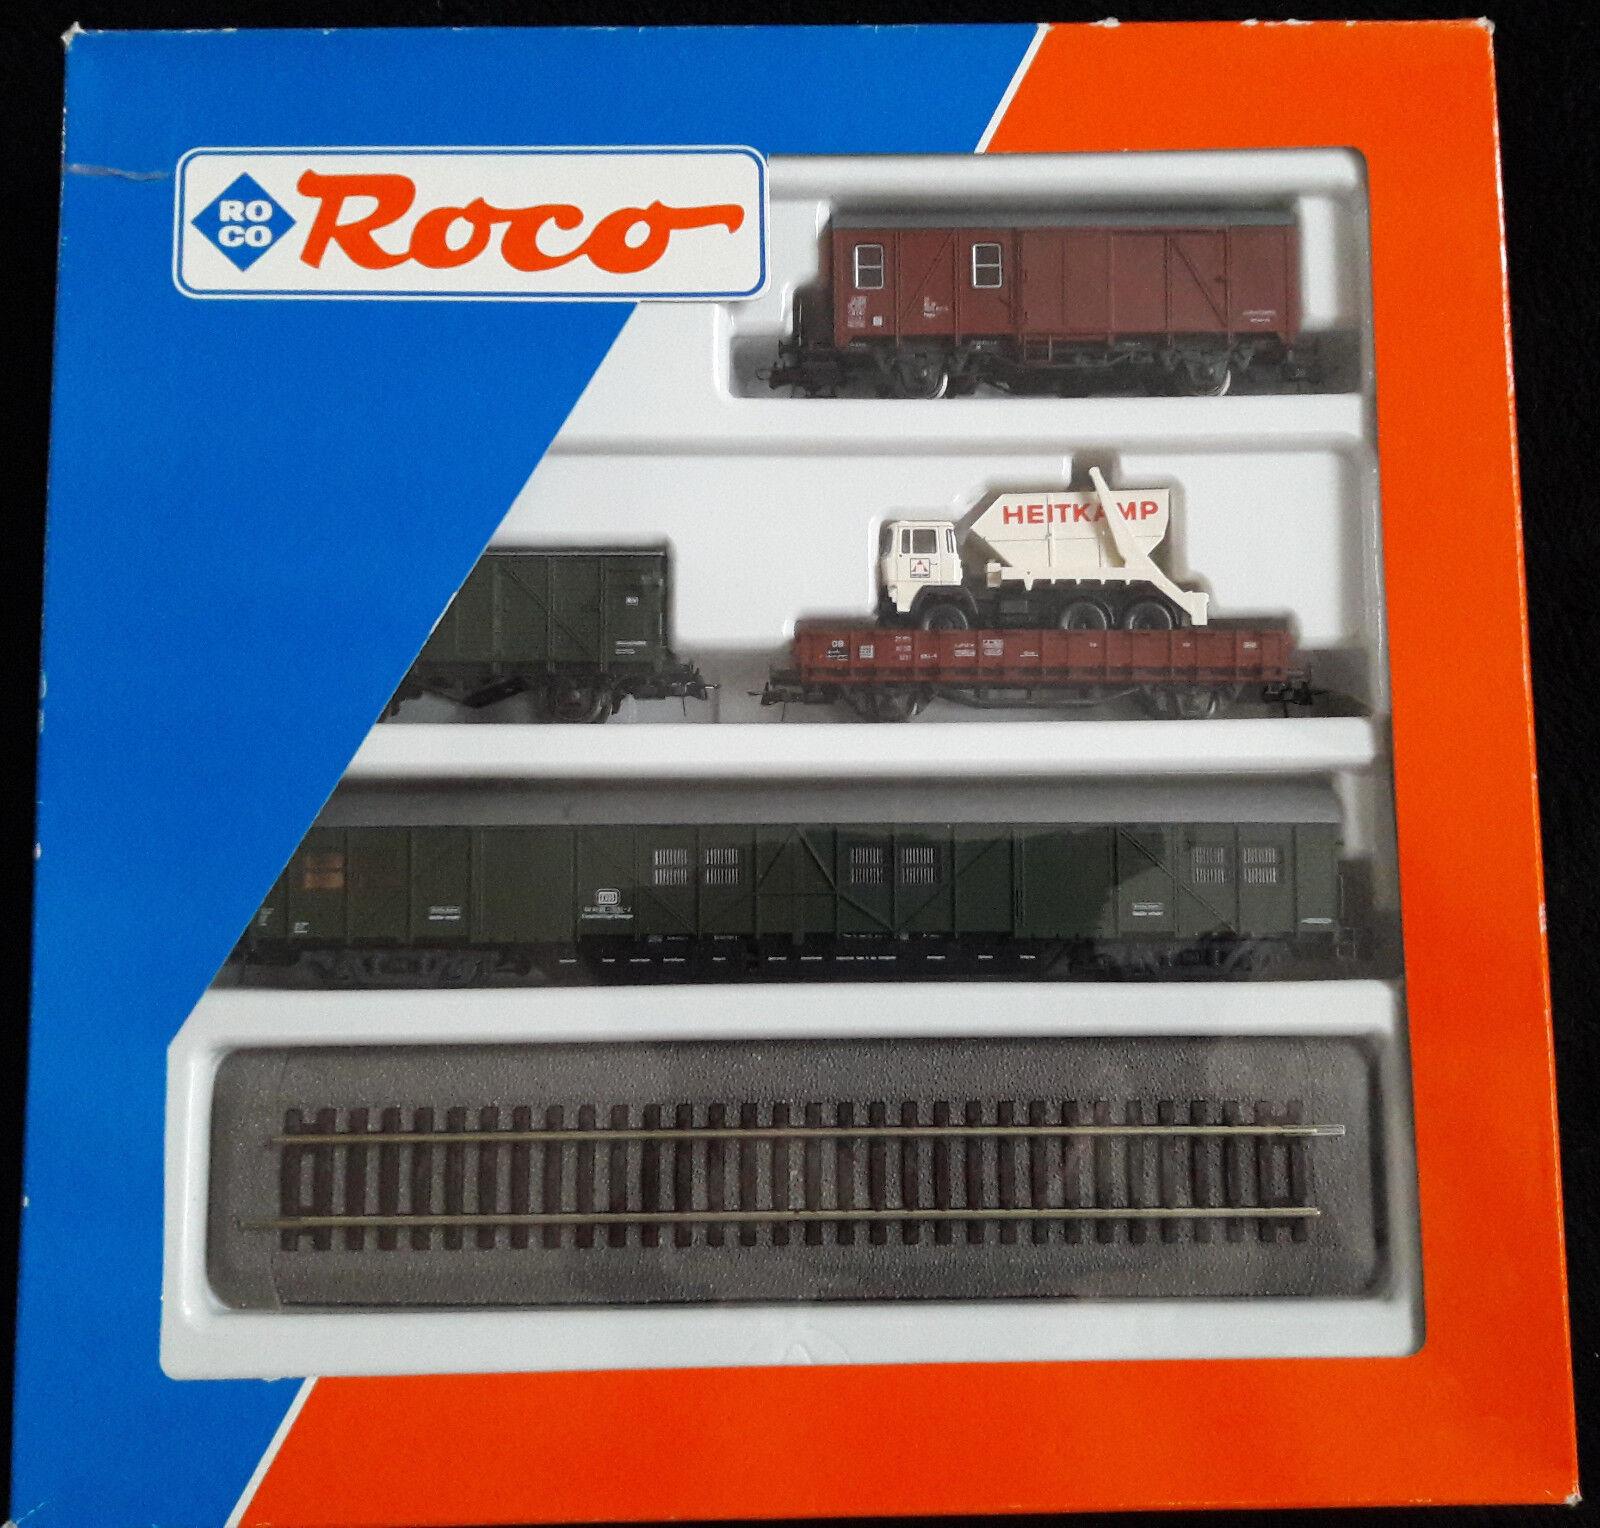 Roco 44023, Set Bauzug  Heitkamp  4-tlgBeladungGleis neu unbespielt in OVP  | Ausgezeichnet (in) Qualität